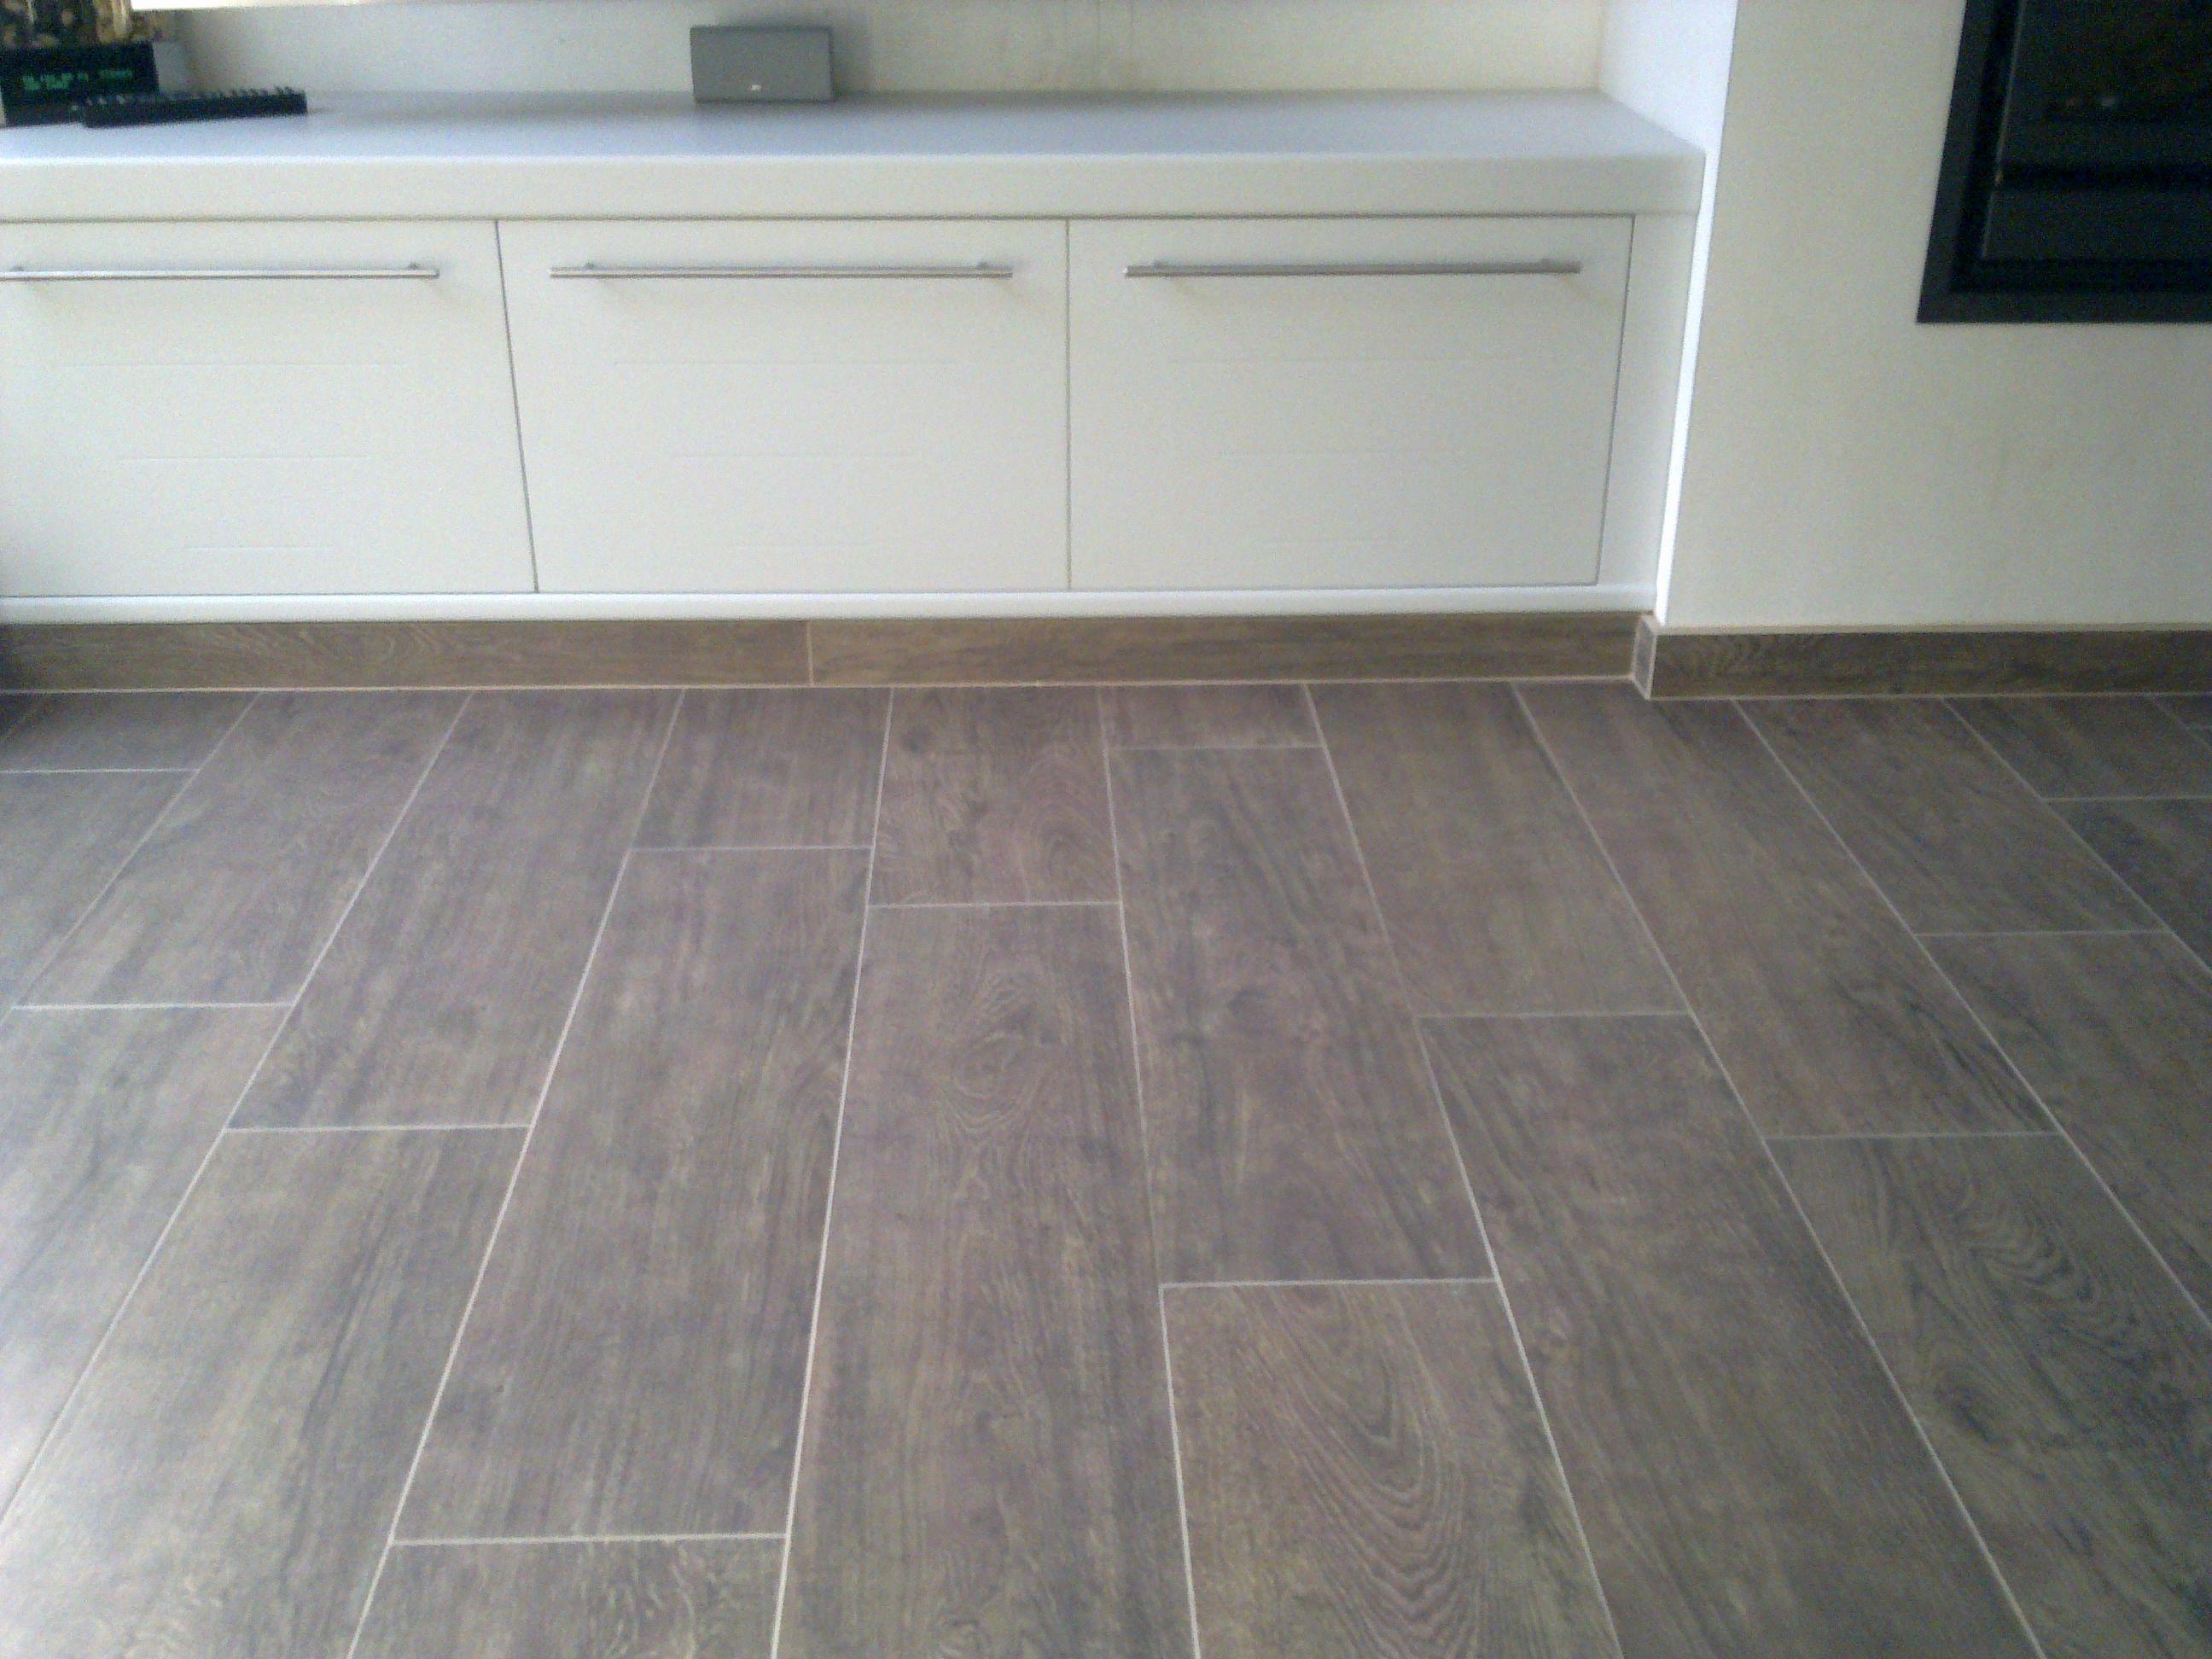 keramische parket vloer een vloer met het mooie warme uitzicht van